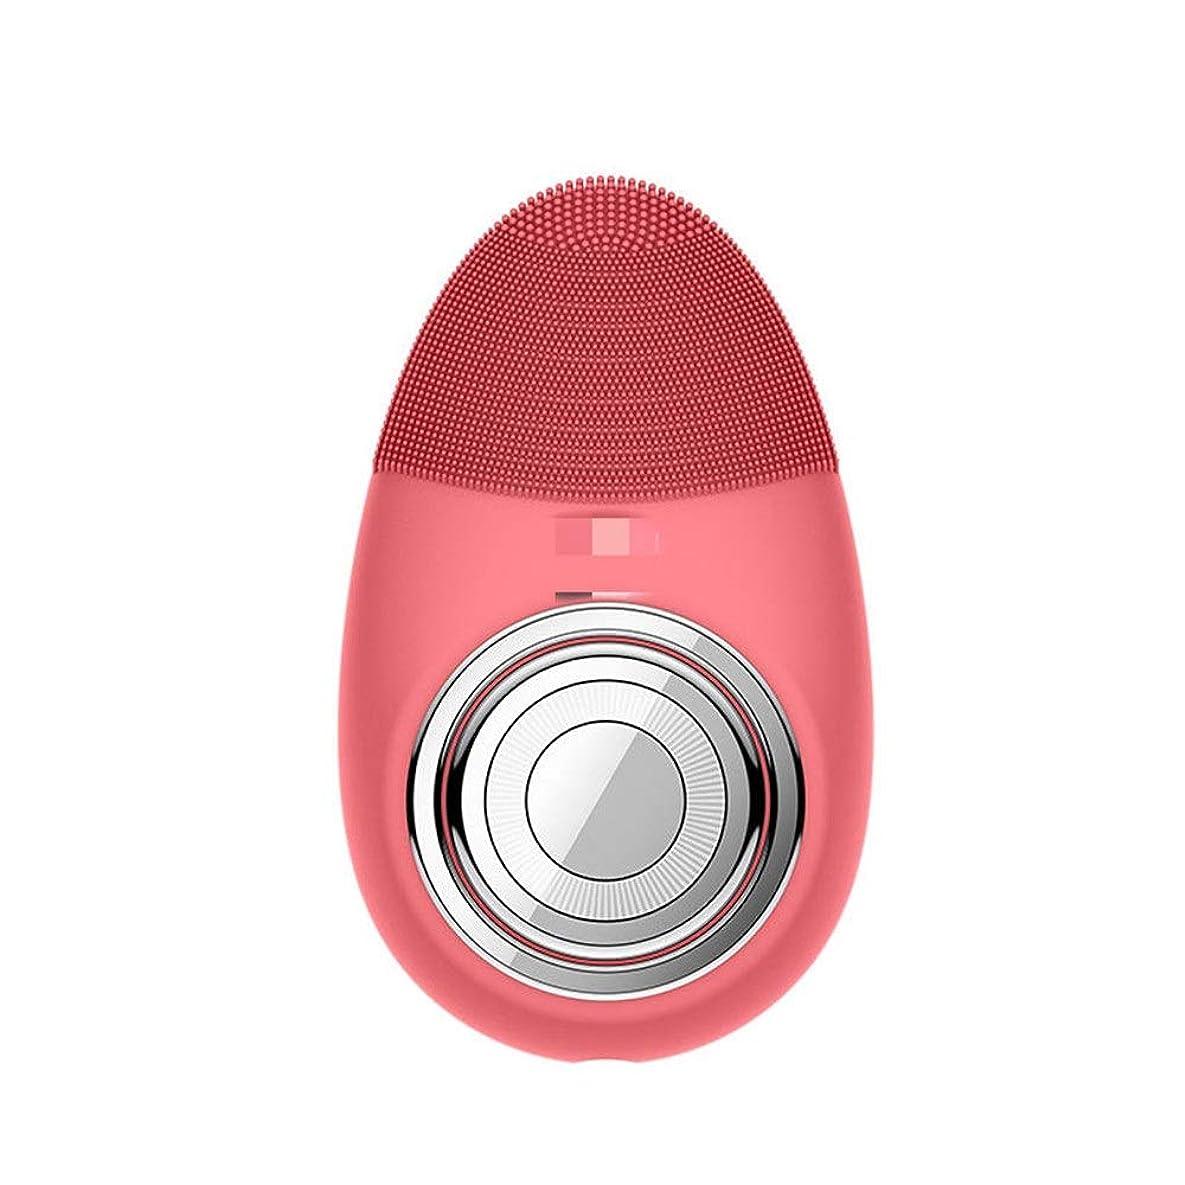 耐えられる受け皿樹皮Donghechengkang 多機能電気恒温シリコーンクレンジング楽器赤灯肌清潔毛穴クリーナー輸入機器美容機器 (Color : Red)